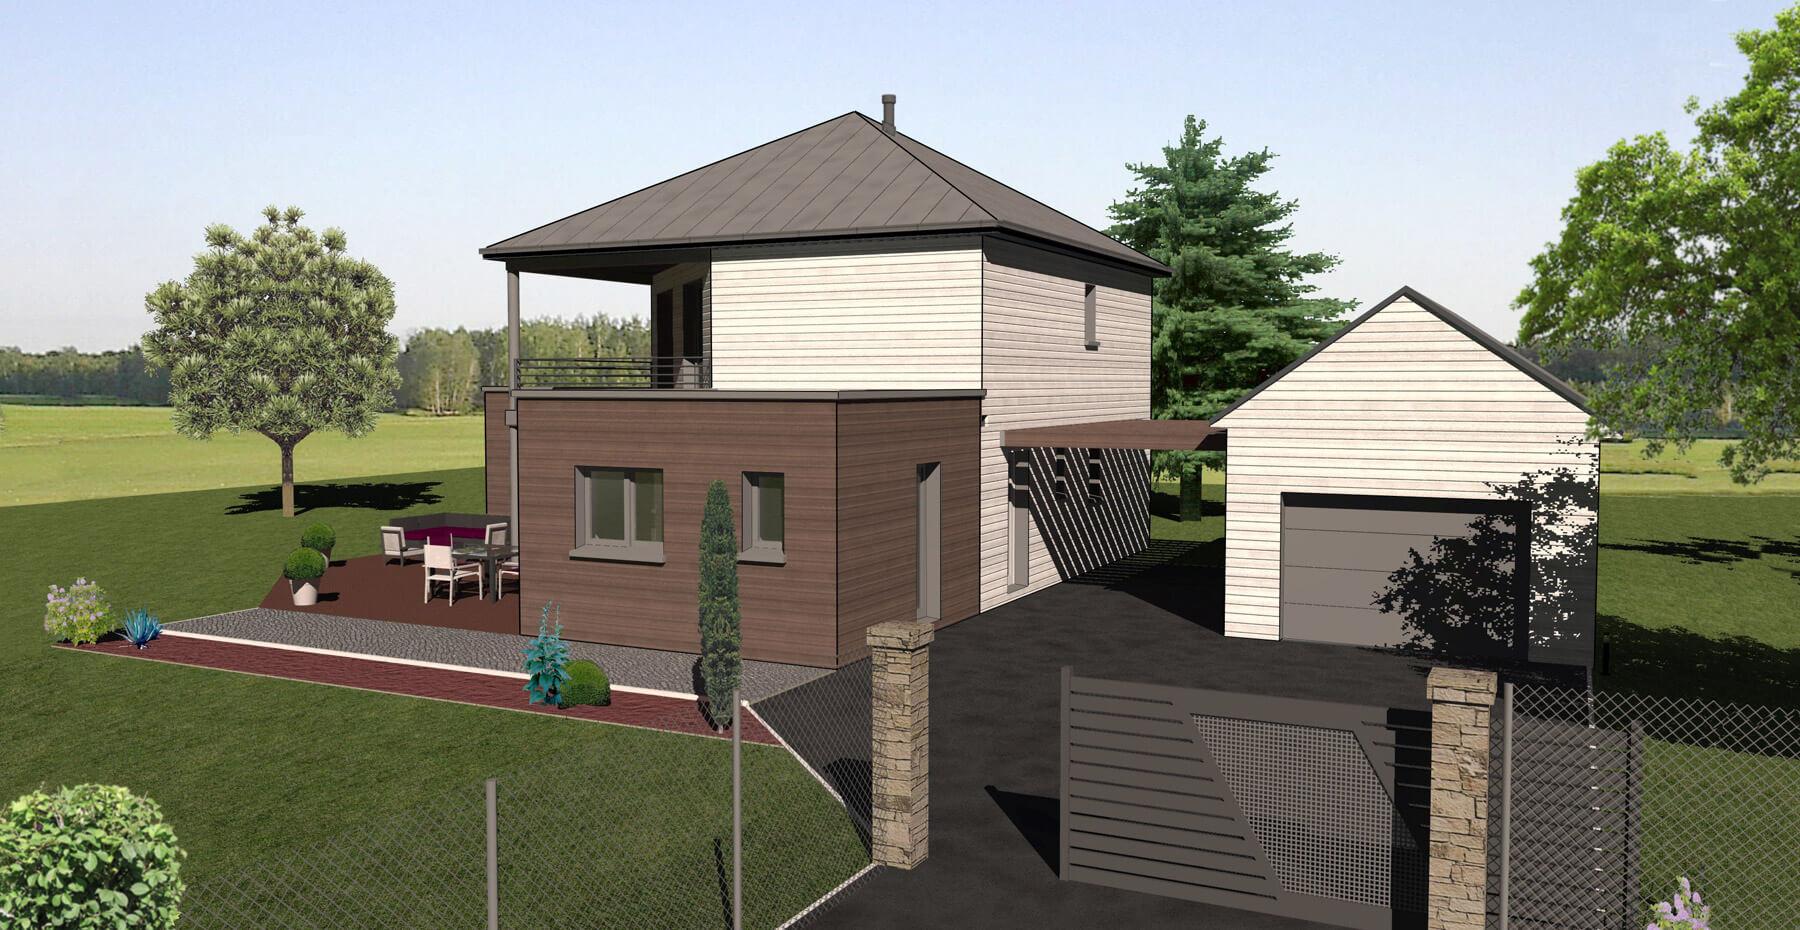 constructeur de maisons ossature bois alen on le mans. Black Bedroom Furniture Sets. Home Design Ideas